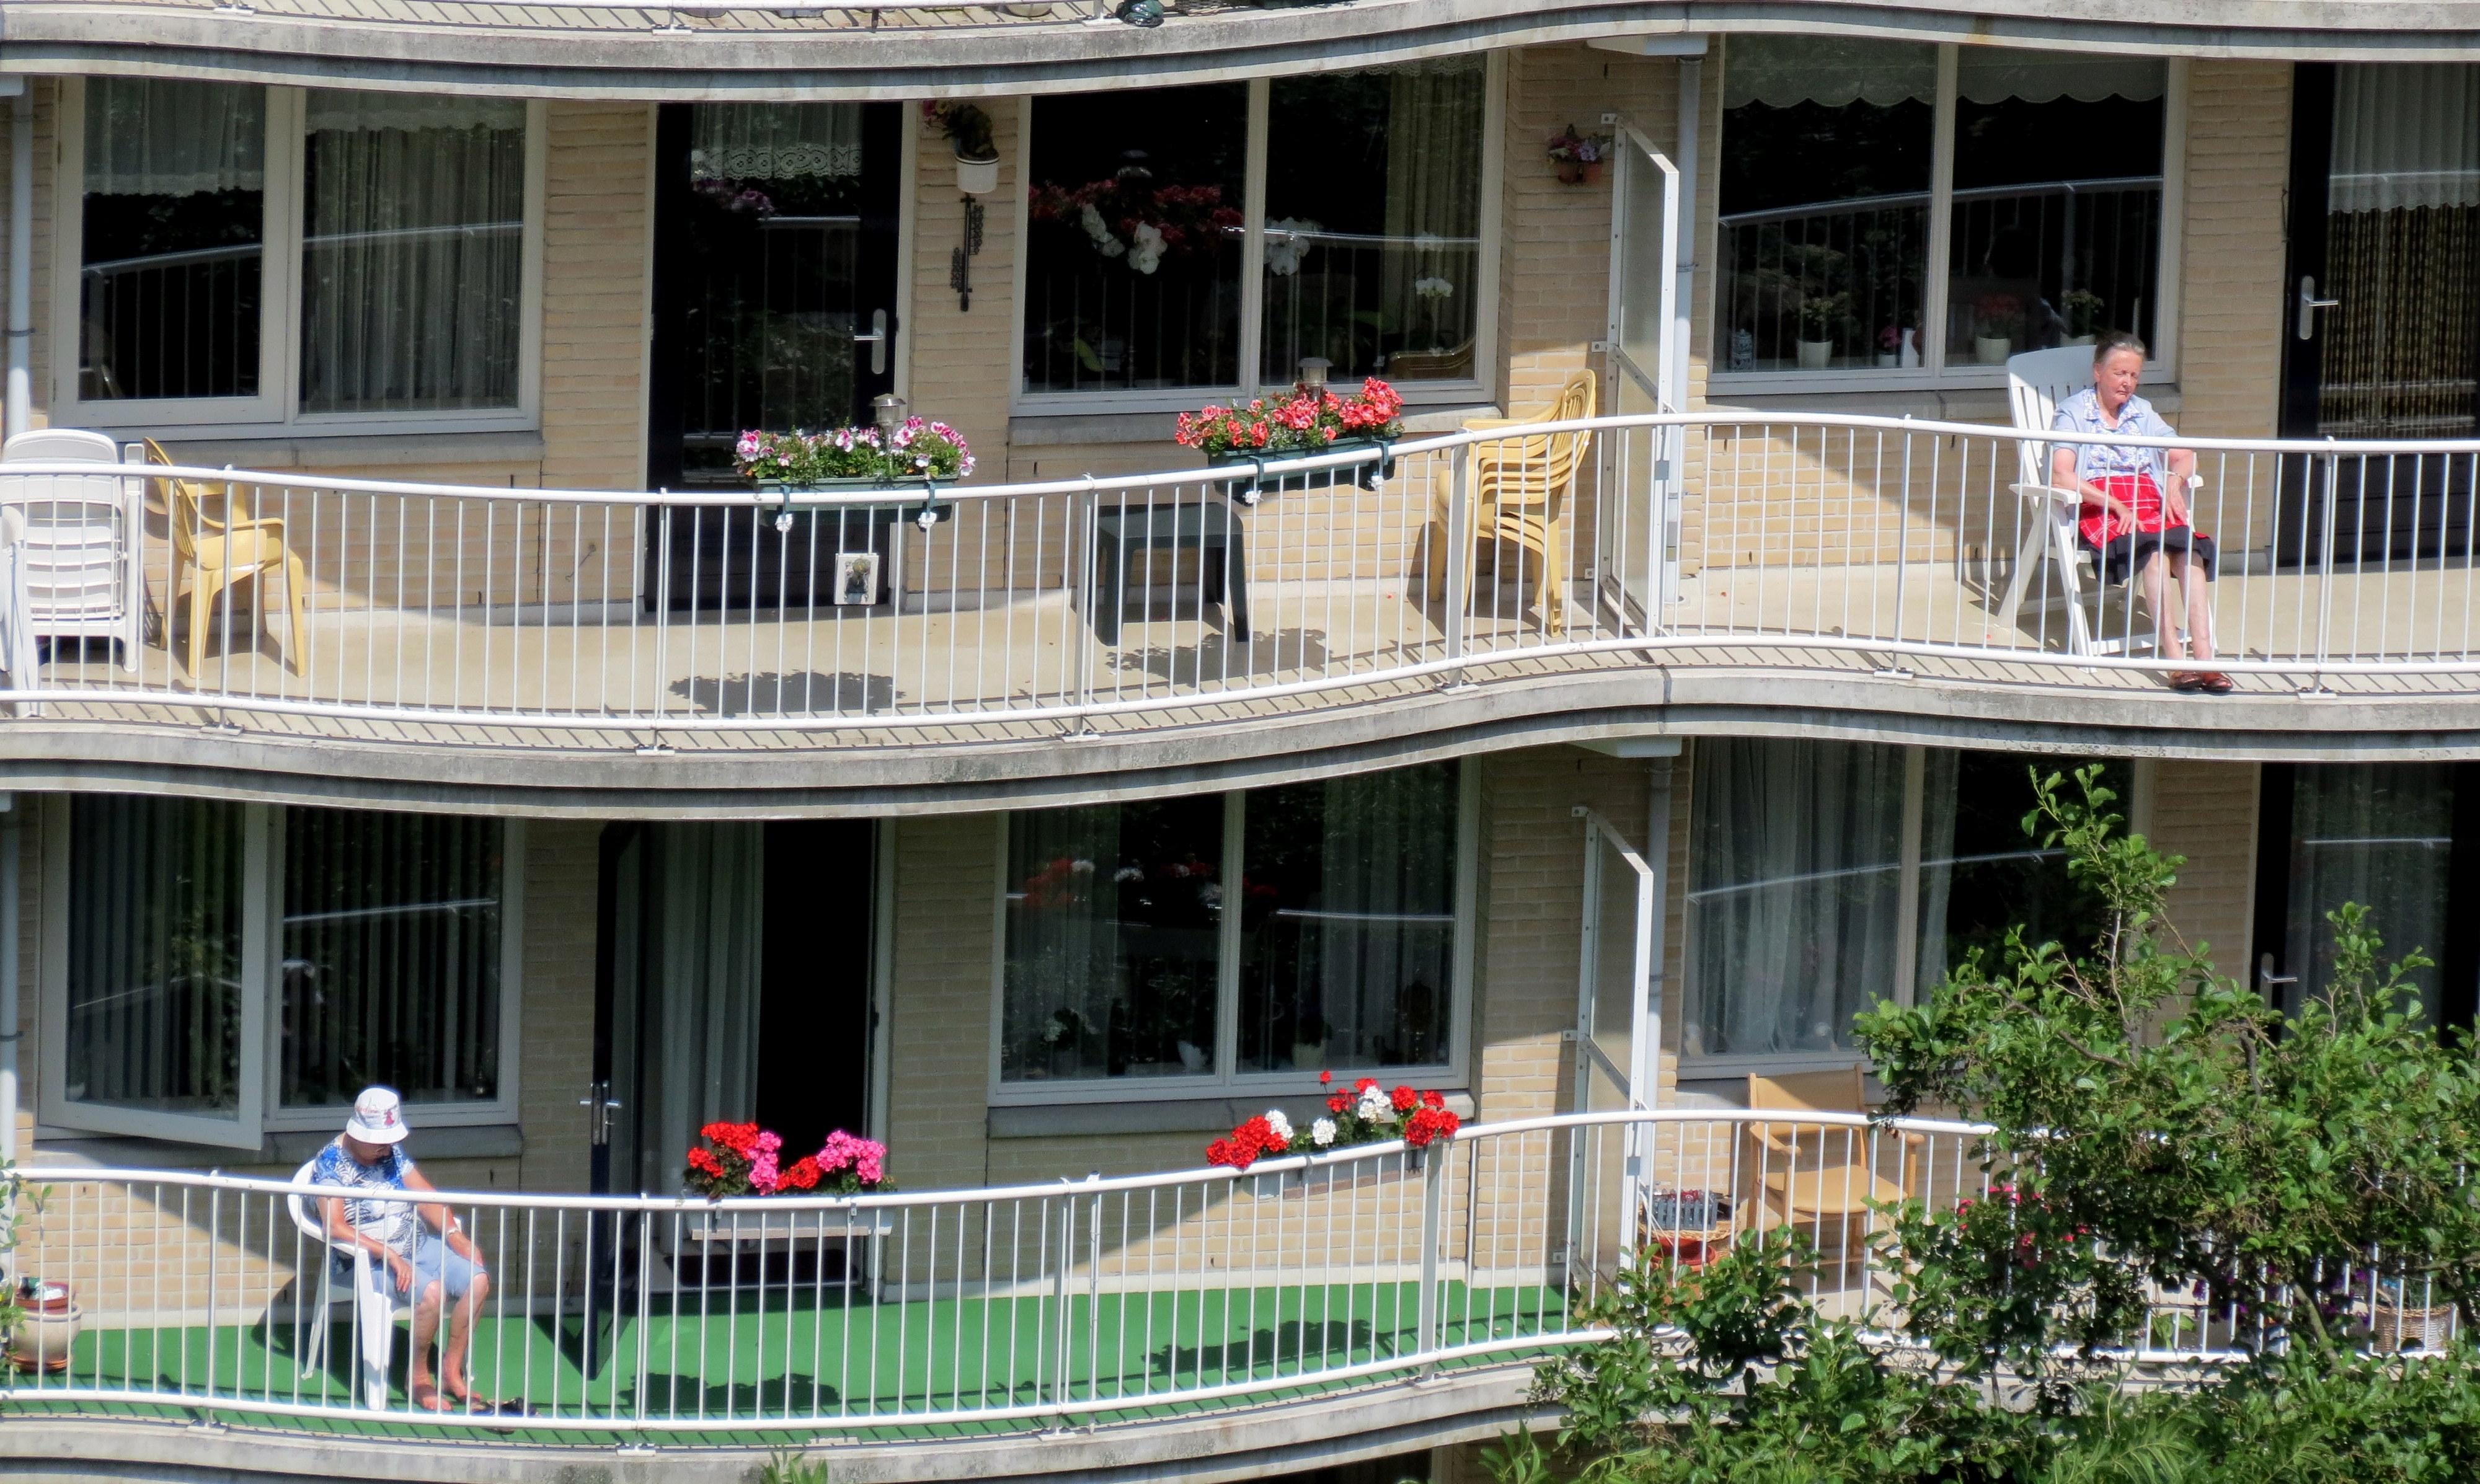 Maak buurten waar ouderen bij elkaar kunnen wonen sociale vraagstukken - Een appartement ontwikkelen ...